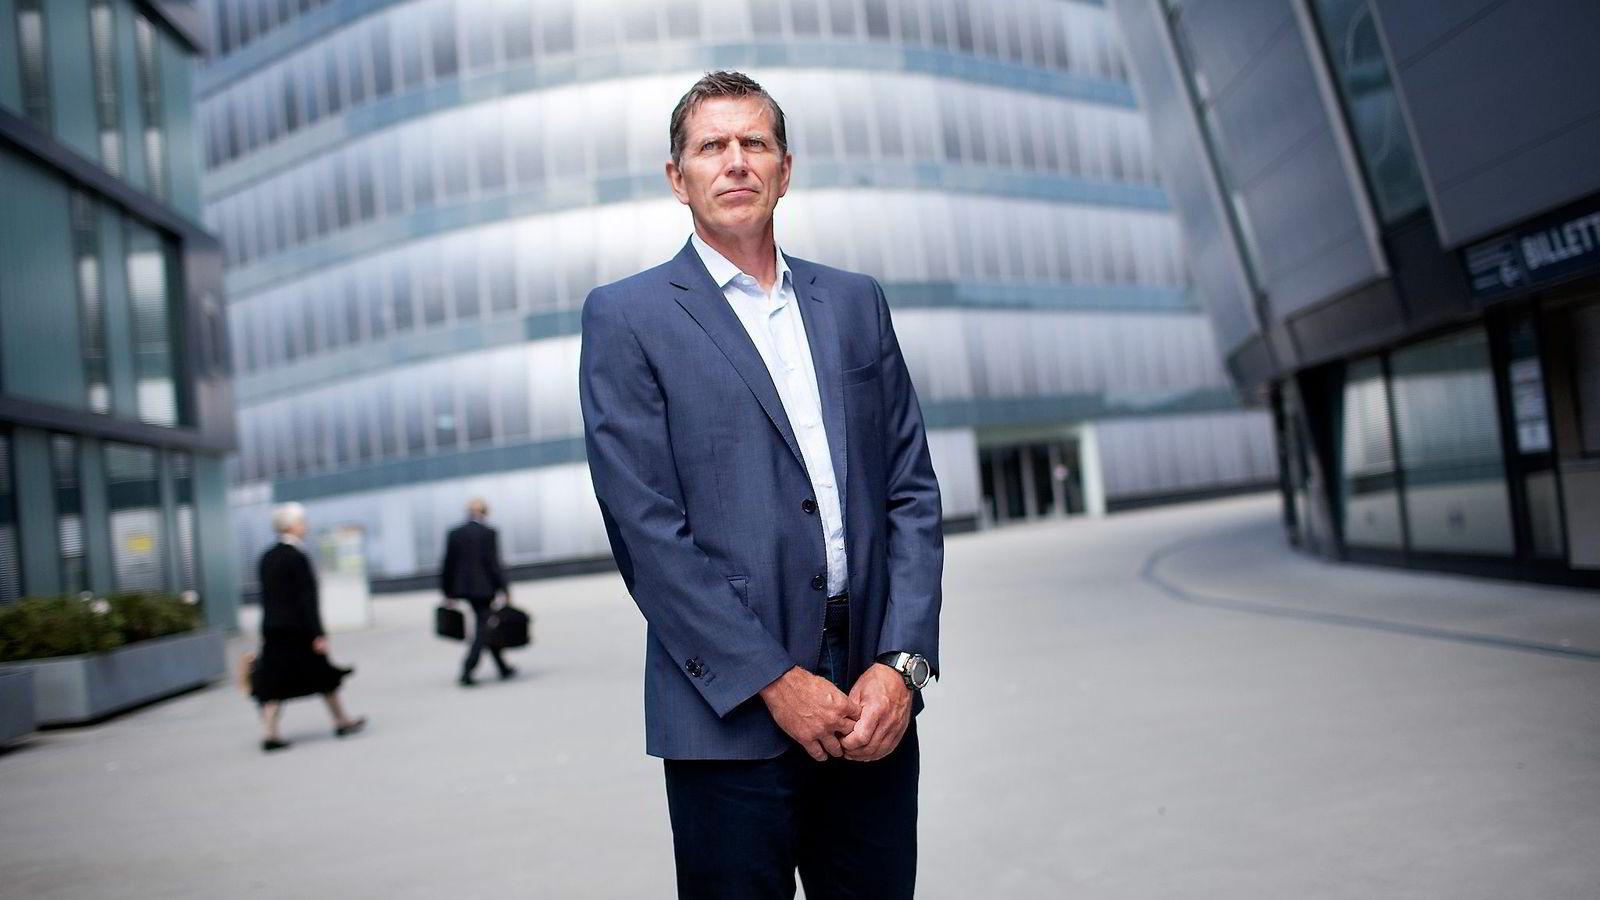 Finansdirektør Jens Kristian Rein i Ross Offshore opplevde at selskapet fikk millionkrav fra Skatteetaten fordi det ikke sjekket noen fakturaer godt nok. Etter en lengre kamp er kravet nå frafalt.